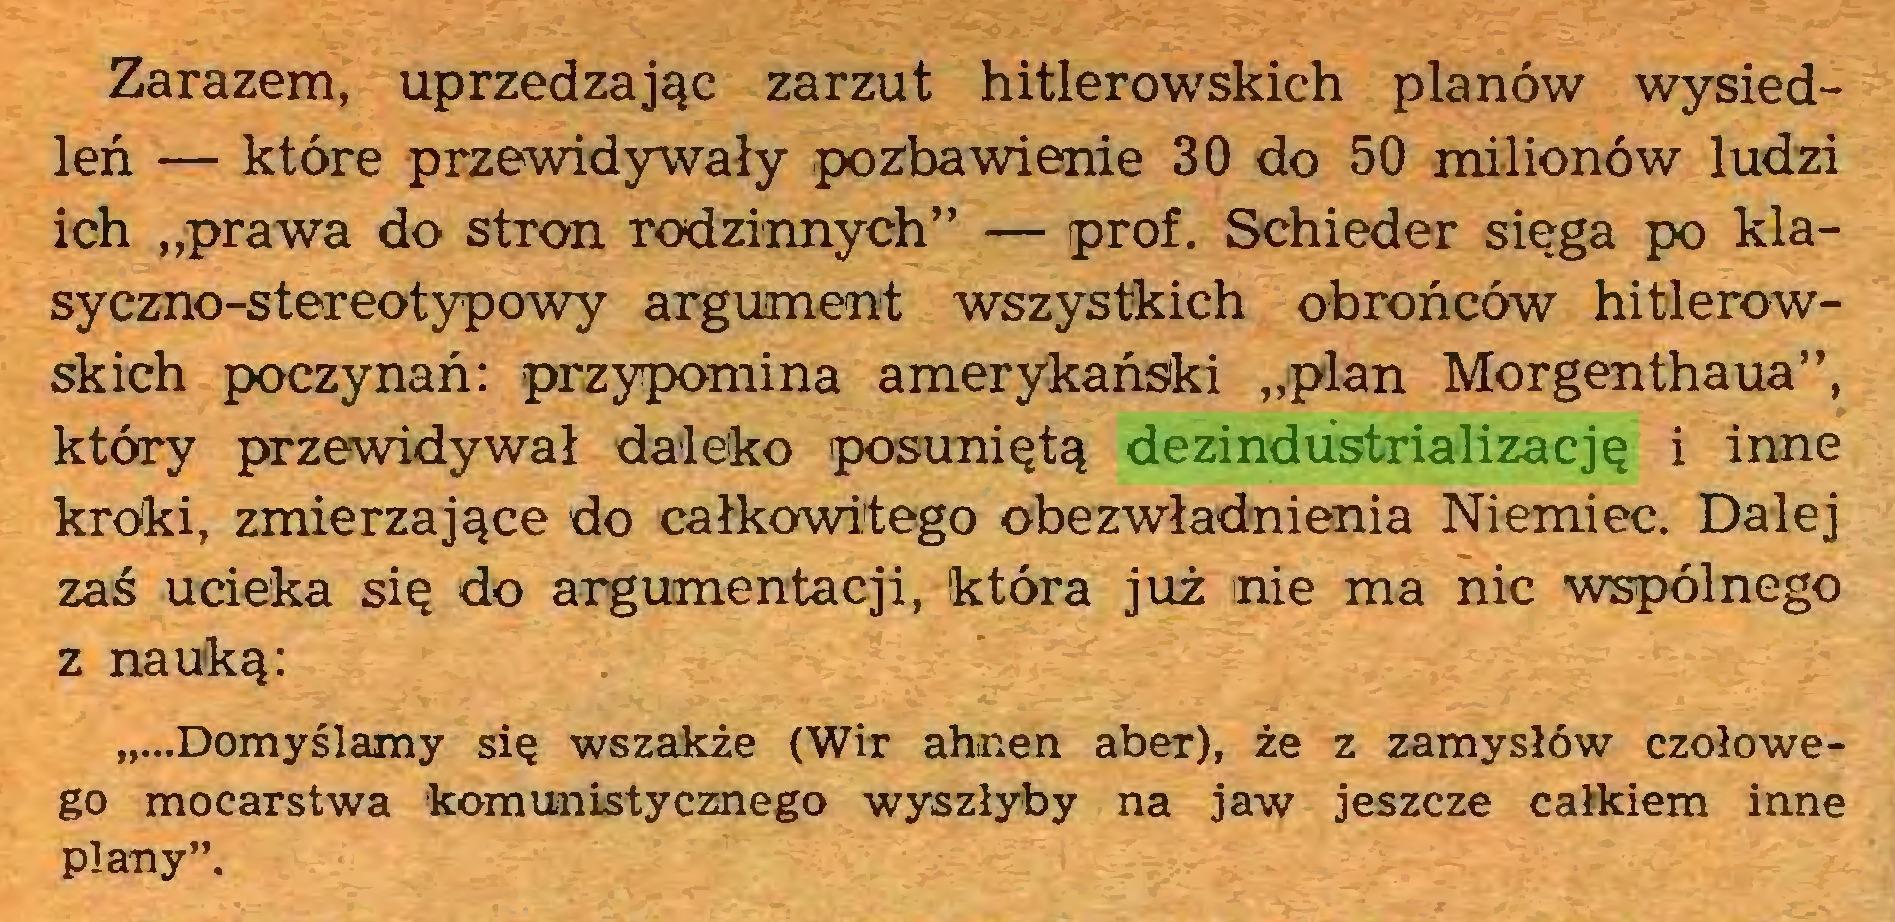 """(...) Zarazem, uprzedzając zarzut hitlerowskich planów wysiedleń — które przewidywały pozbawienie 30 do 50 milionów ludzi ich """"prawa do stron rodzinnych"""" — prof. Schieder sięga po klasyczno-stereotypowy argument wszystkich obrońców hitlerowskich poczynań: przypomina amerykański """"plan Morgenthaua"""", który przewidywał daleko posuniętą dezindustrializację i inne kroki, zmierzające do całkowitego obezwładnienia Niemiec. Dalej zaś ucieka się do argumentacji, która już nie ma nic wspólnego z nauką: """"...Domyślamy się wszakże (Wir ahnen aber), że z zamysłów czołowego mocarstwa komunistycznego wyszłyby na jaw jeszcze całkiem inne plany""""..."""